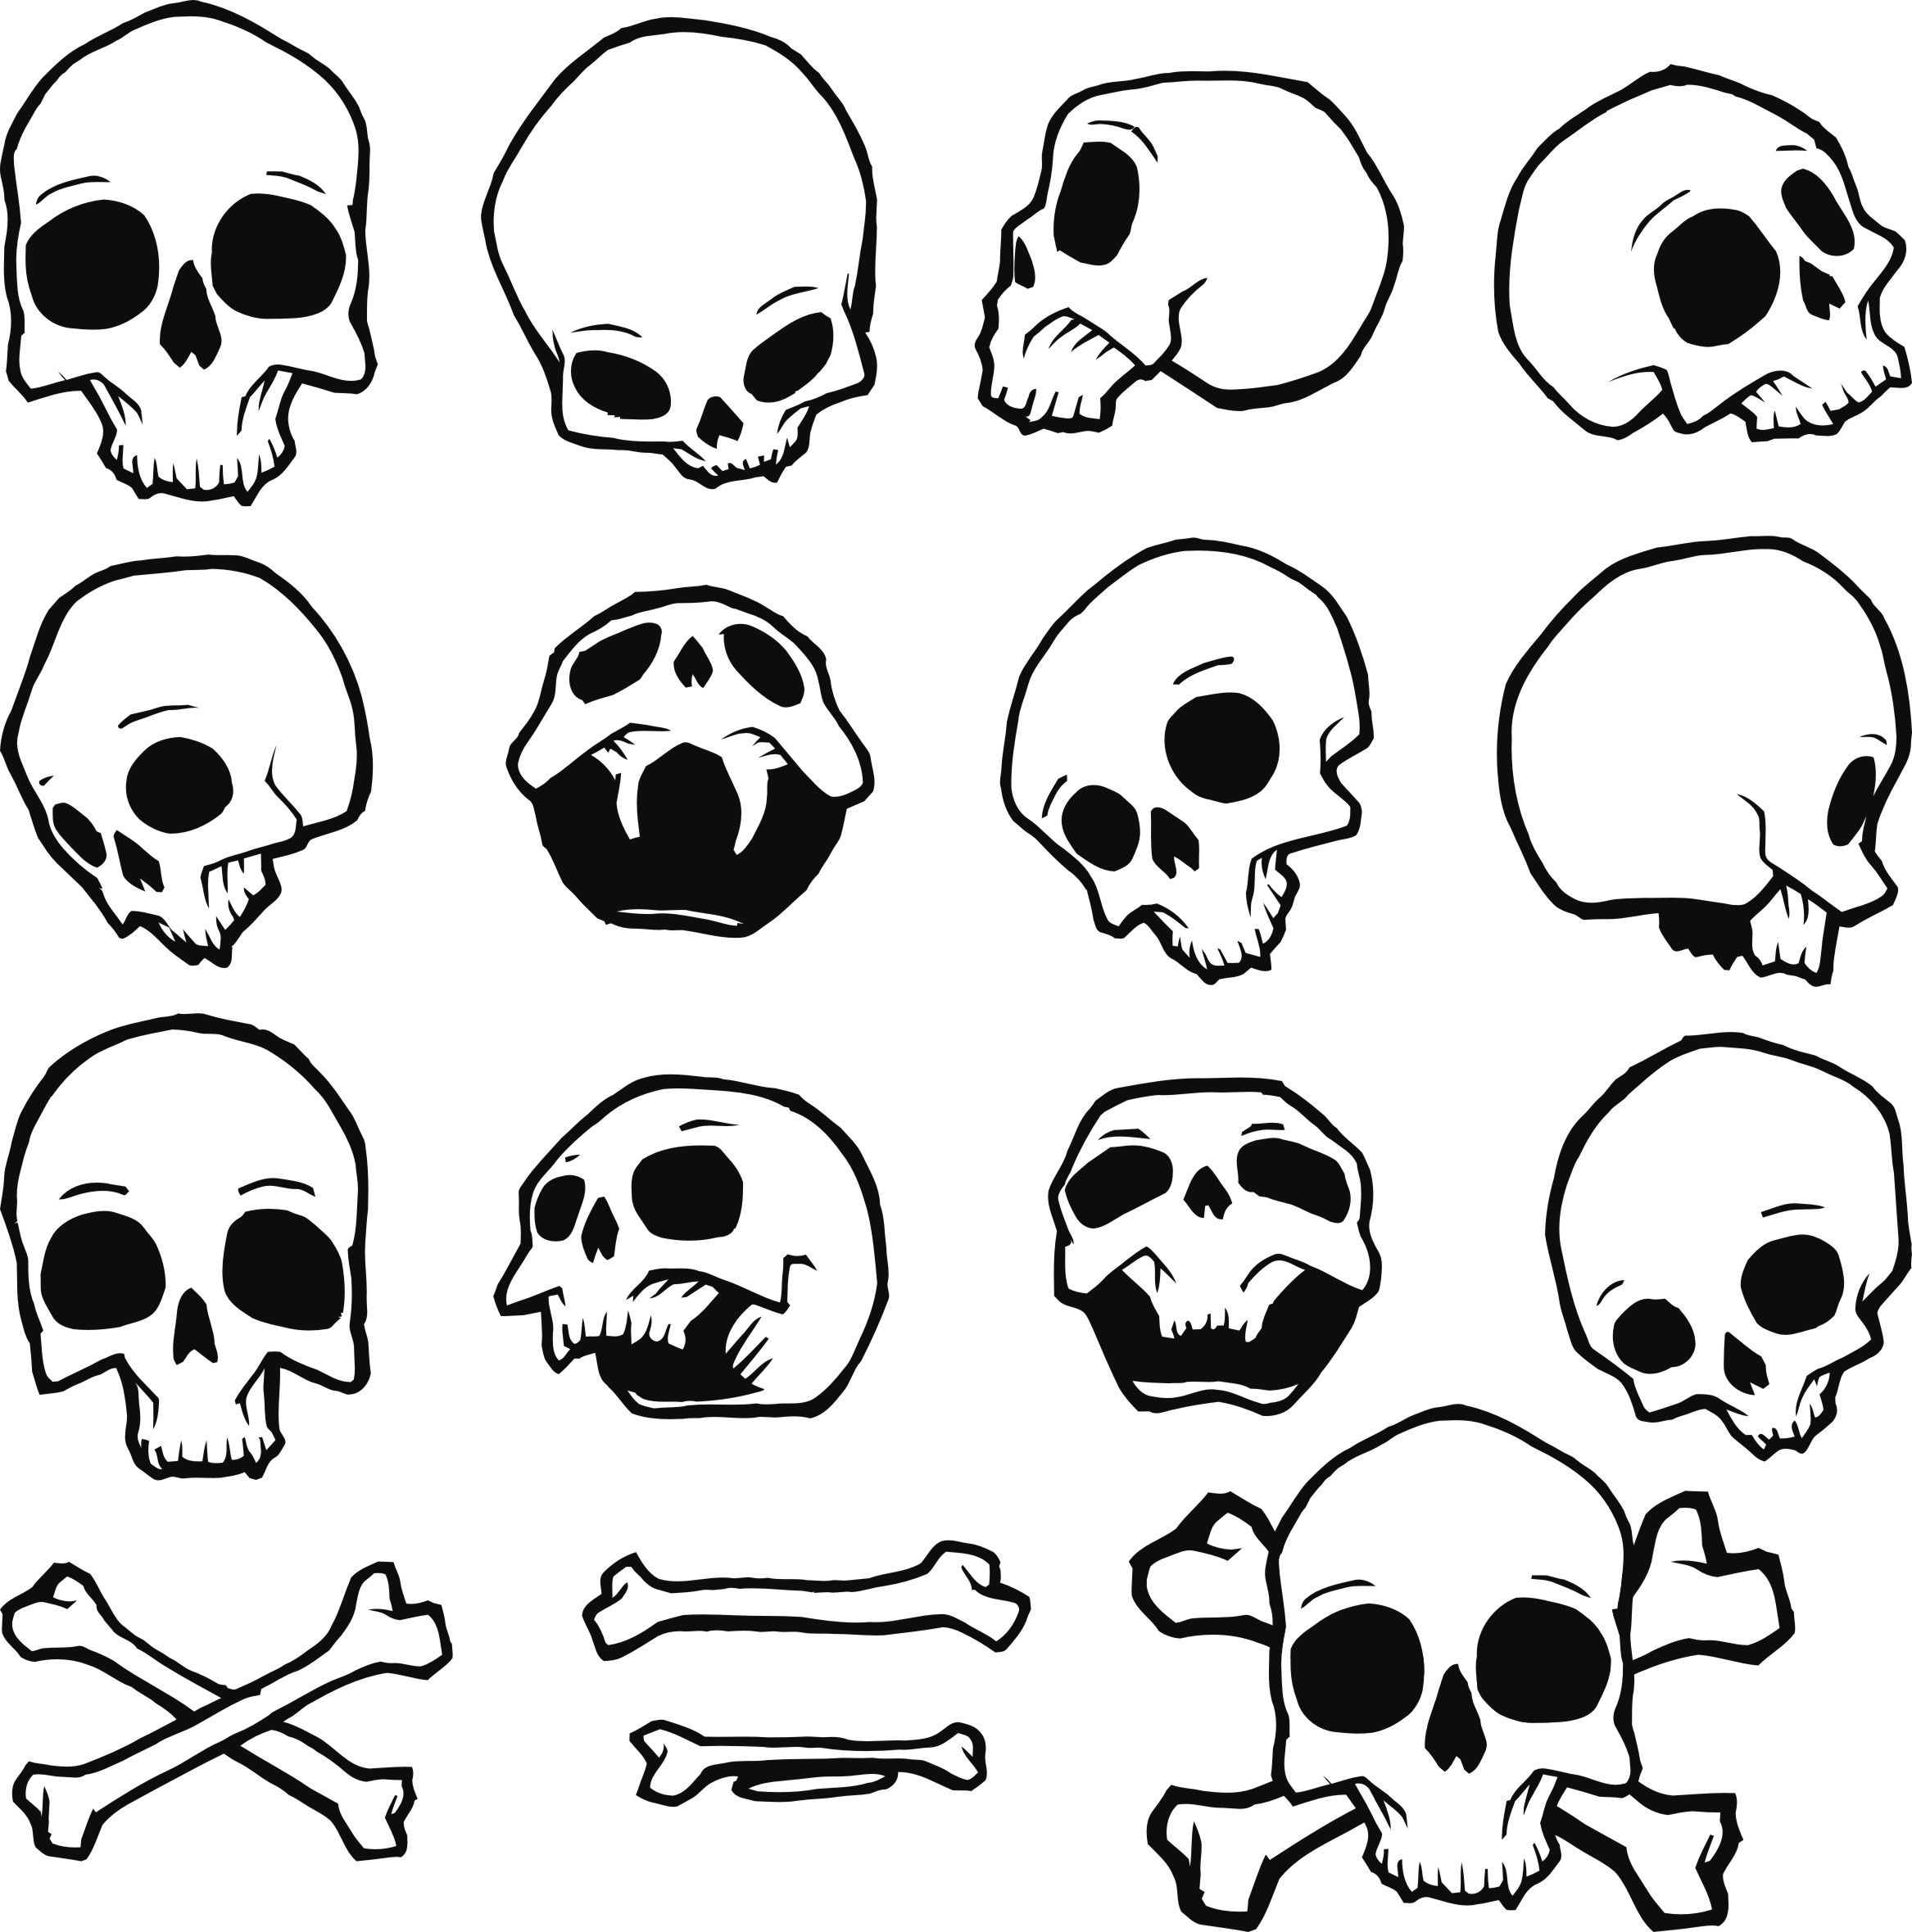 маленькие картинки с черепами был лишён привычного